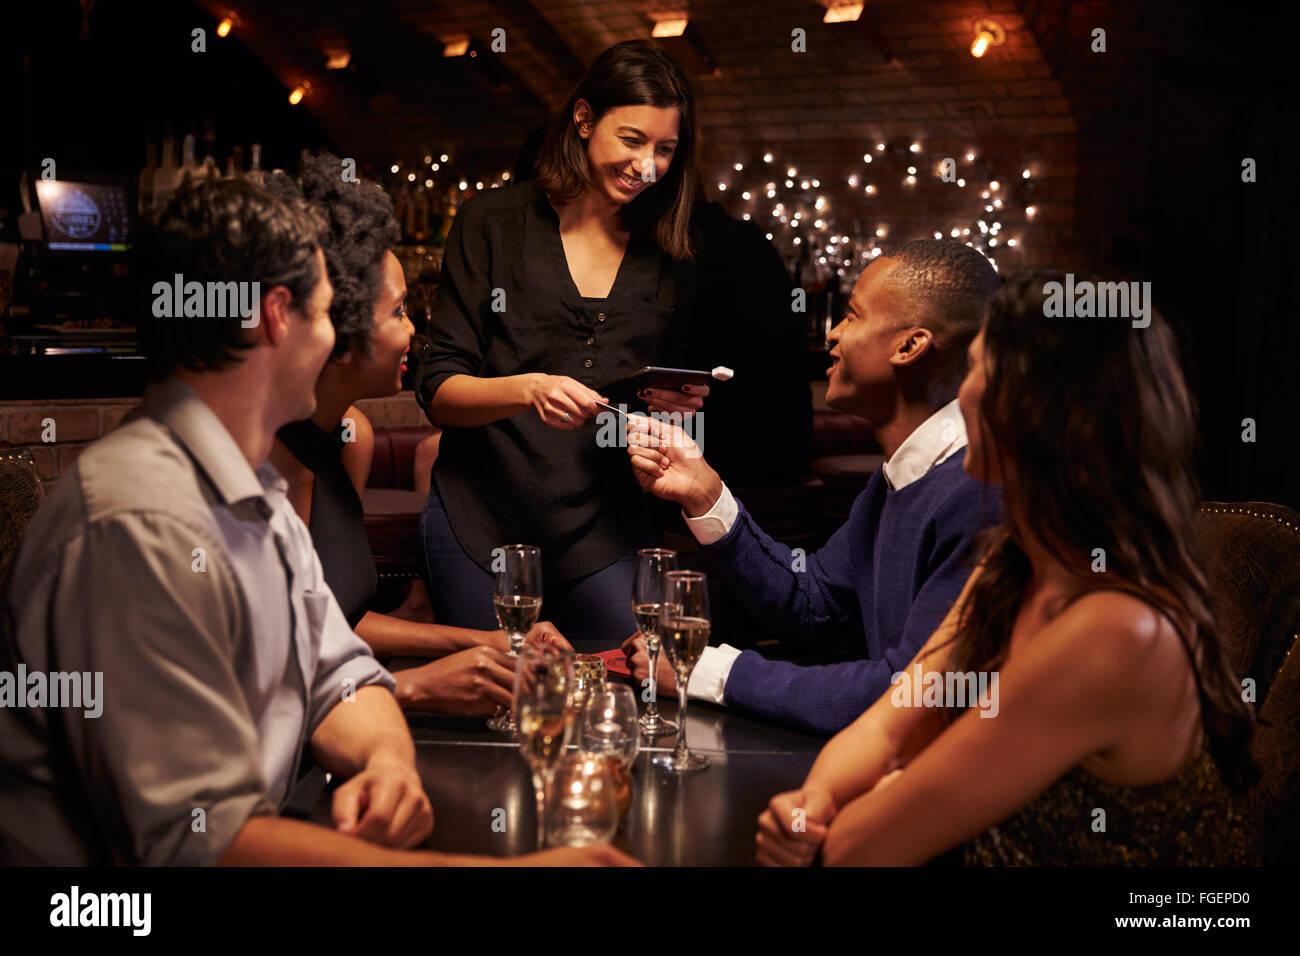 Serveuse prend le paiement de facture de restaurant sur tablette numérique Photo Stock